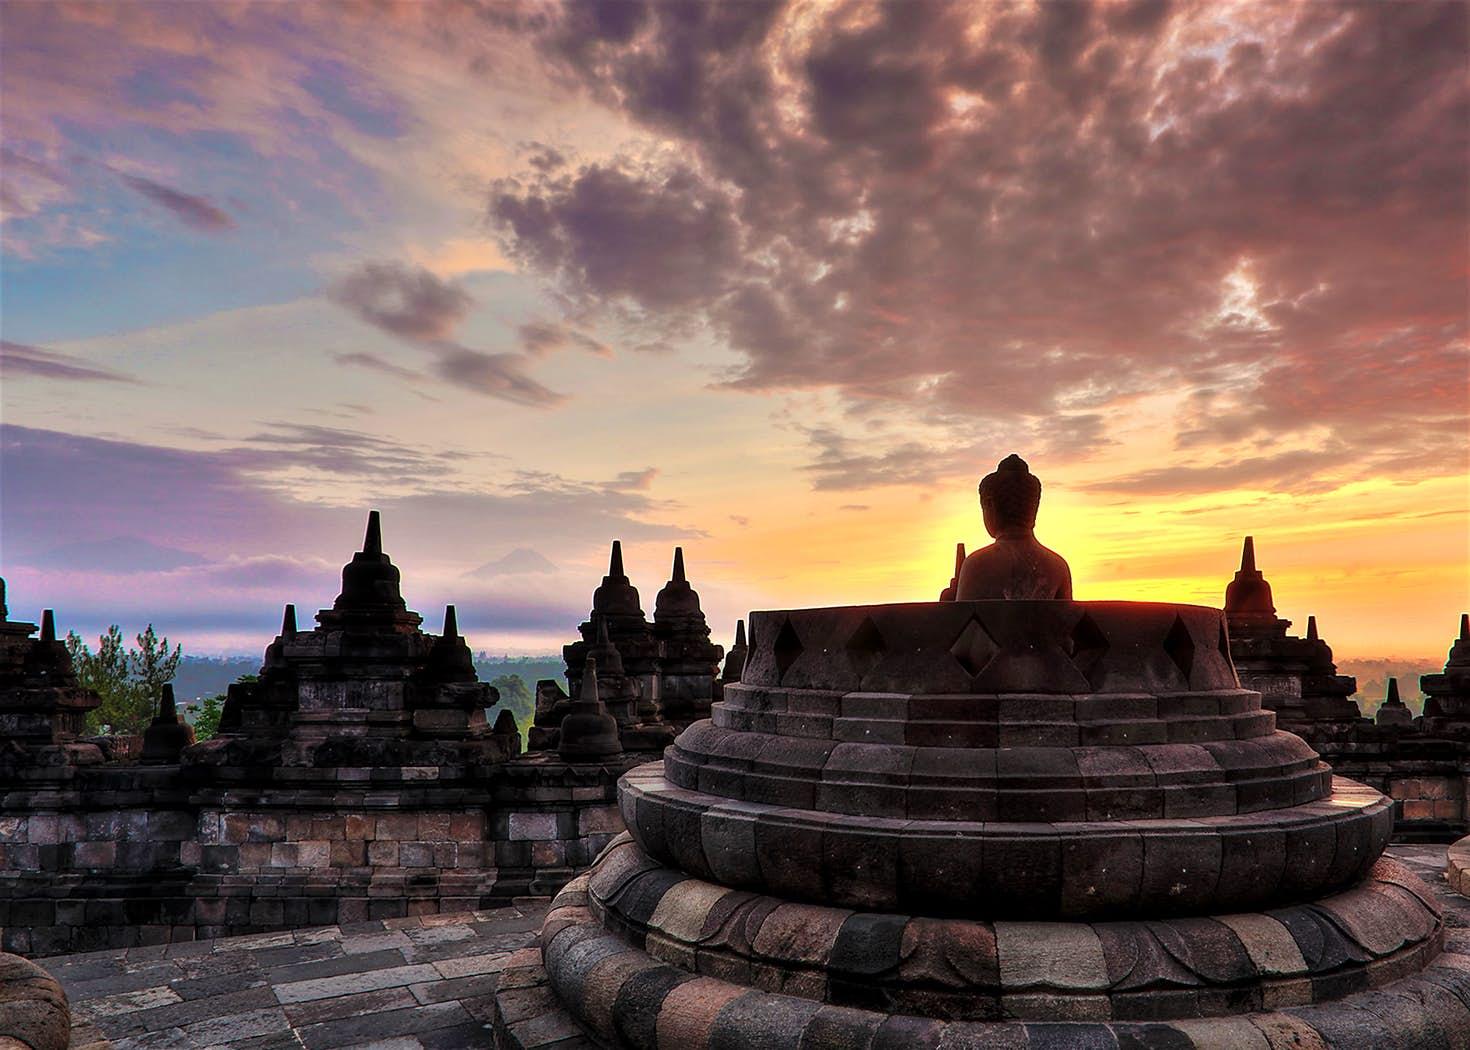 Việt Nam lọt top những địa điểm phiêu lưu tuyệt nhất thế giới - 3